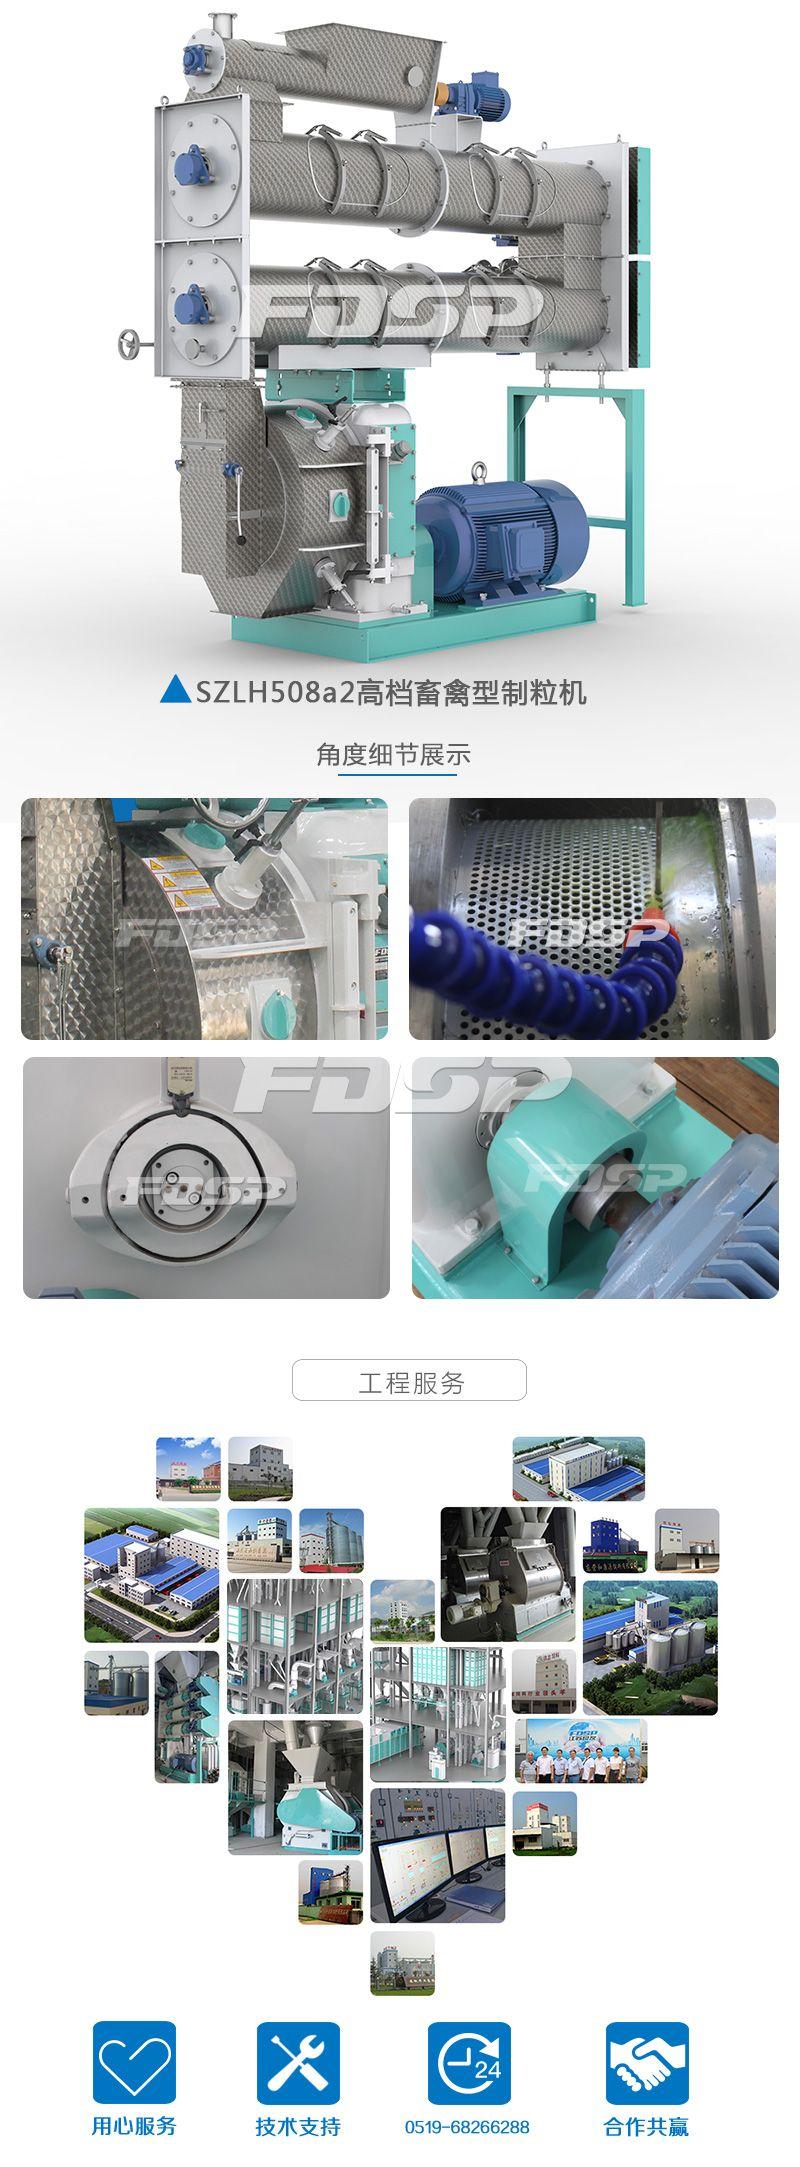 Equipo de procesamiento de alimentos SZLH508a2 peletizadora de alimentos para ganado y aves de corral de alta calidad